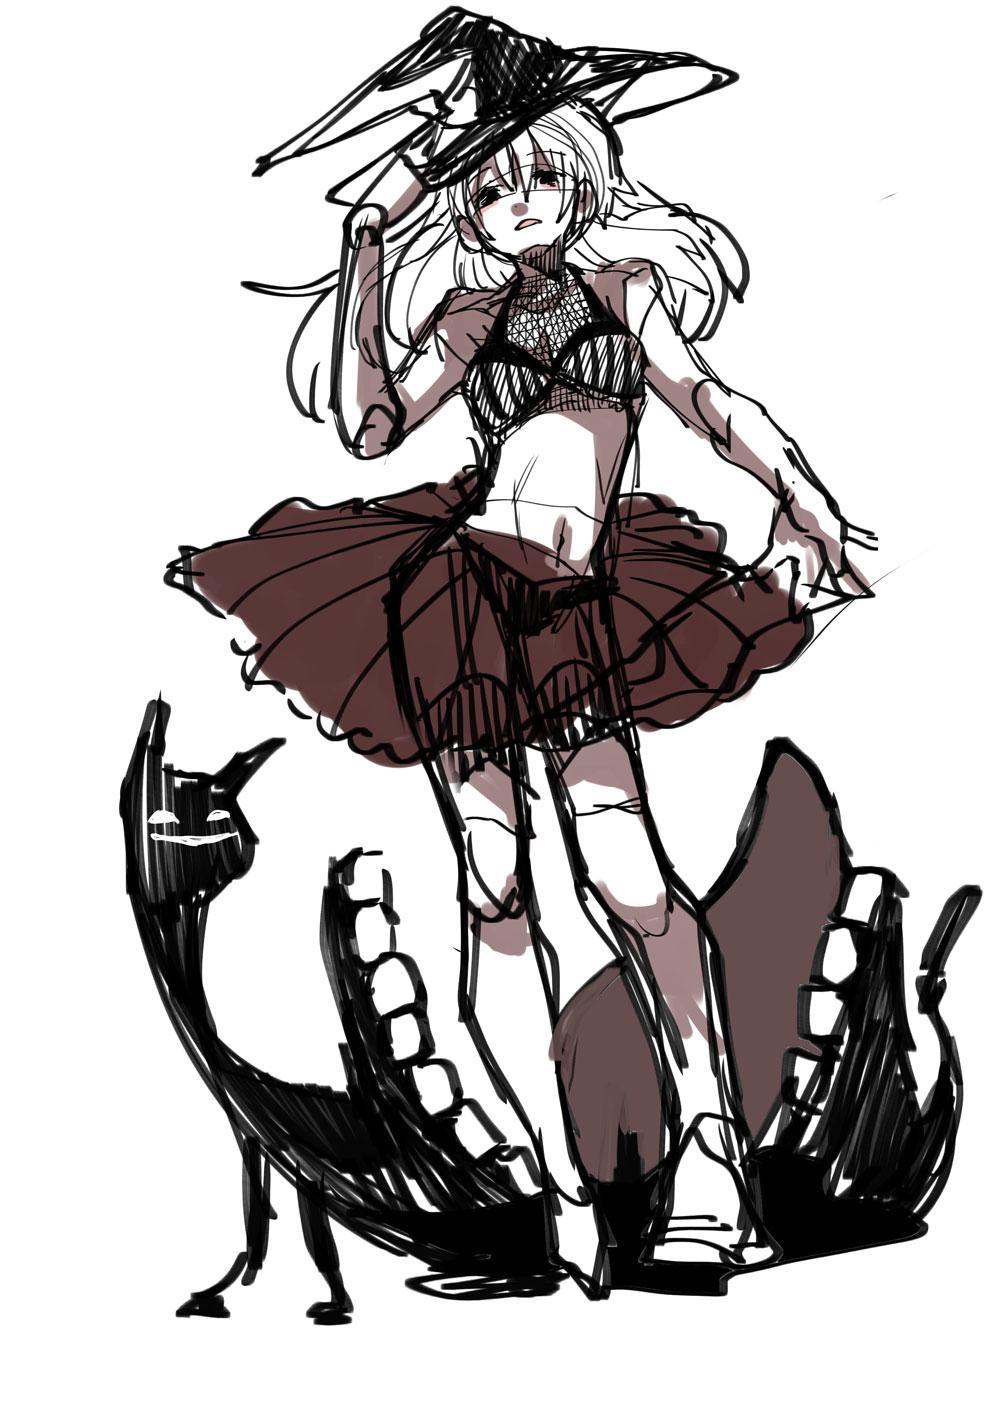 魔女の女の子のイラスト